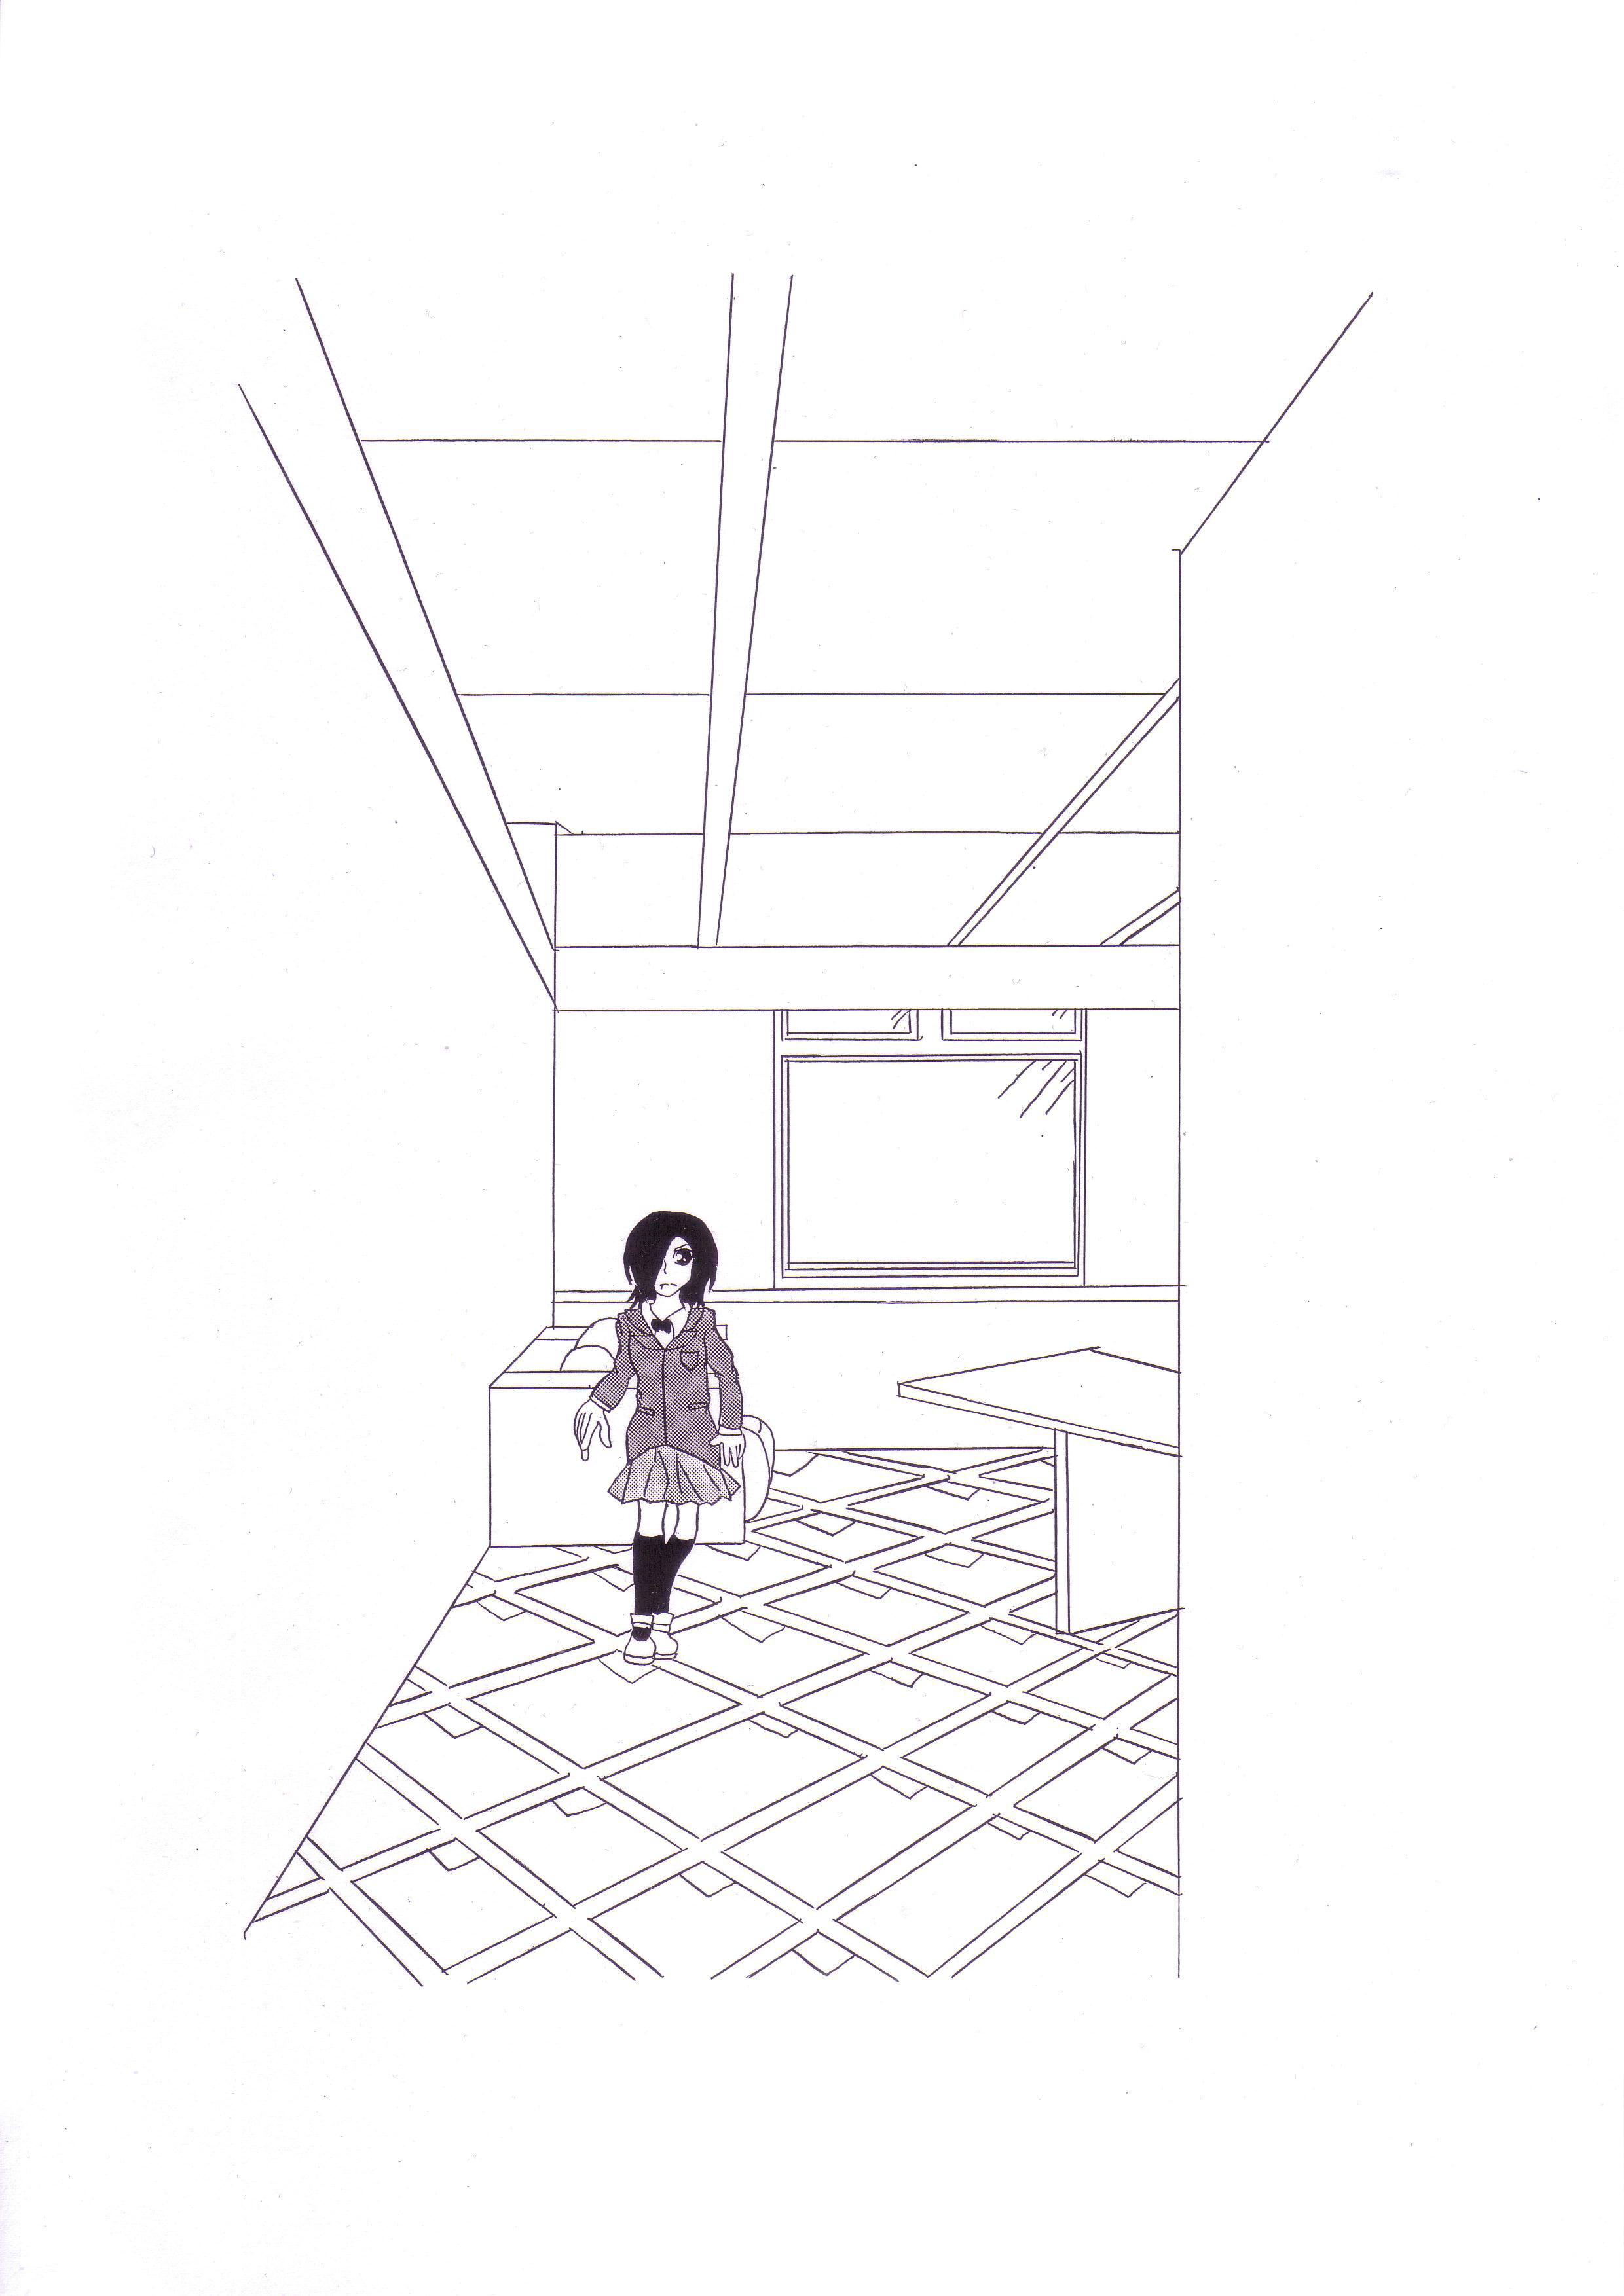 自称漫画家()vanfelix先生応援スレ 26作品目 [無断転載禁止]©2ch.netYouTube動画>2本 ->画像>26枚